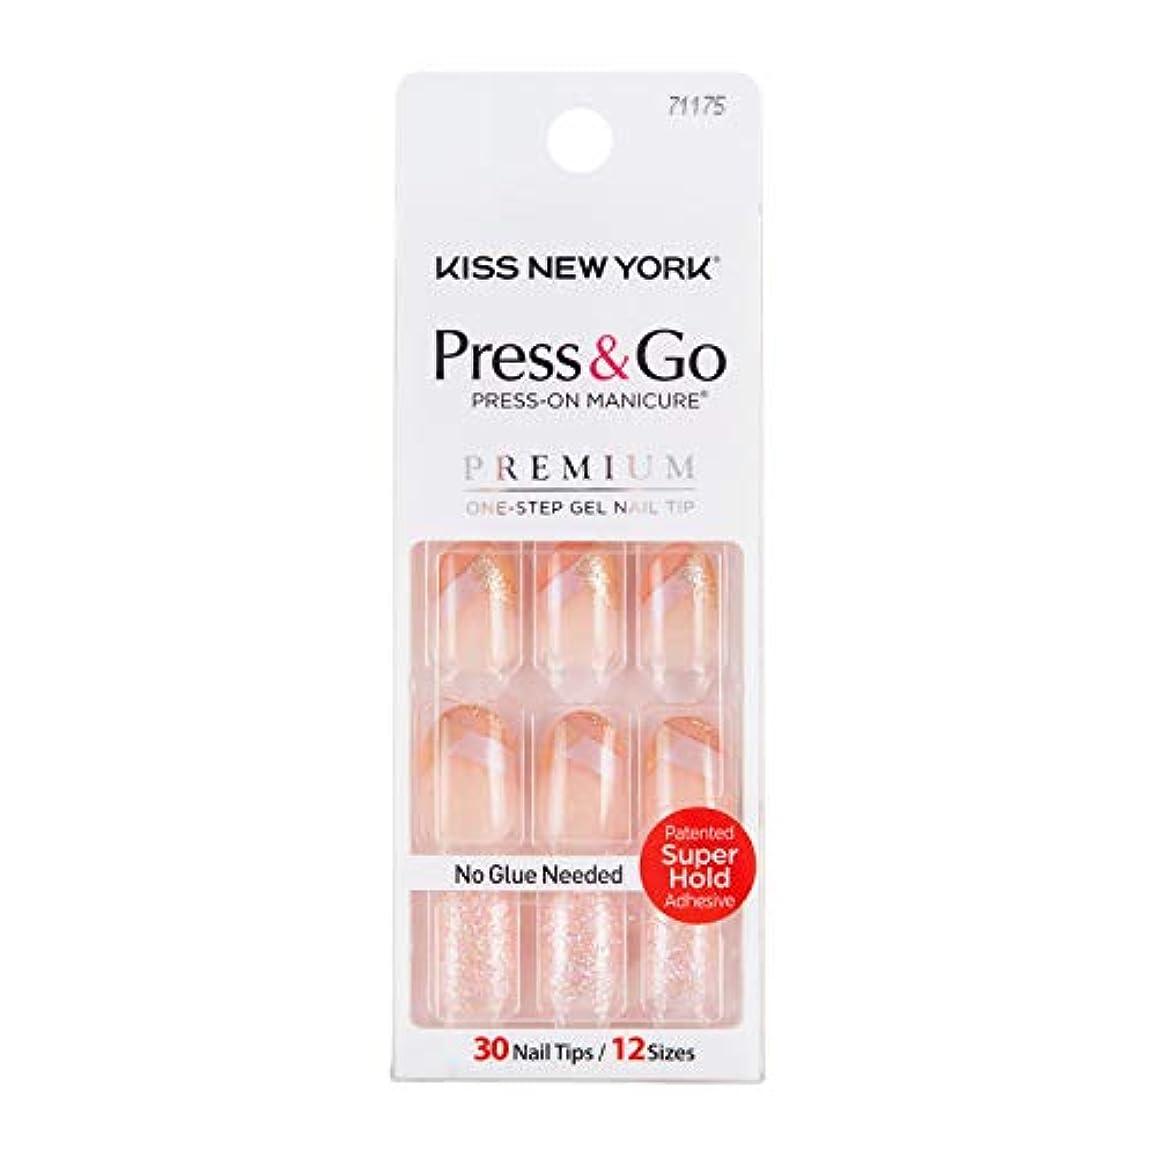 アクセシブル確立政治家キスニューヨーク (KISS NEW YORK) KISS NEWYORK ネイルチップPress&Go BHJ24J 19g